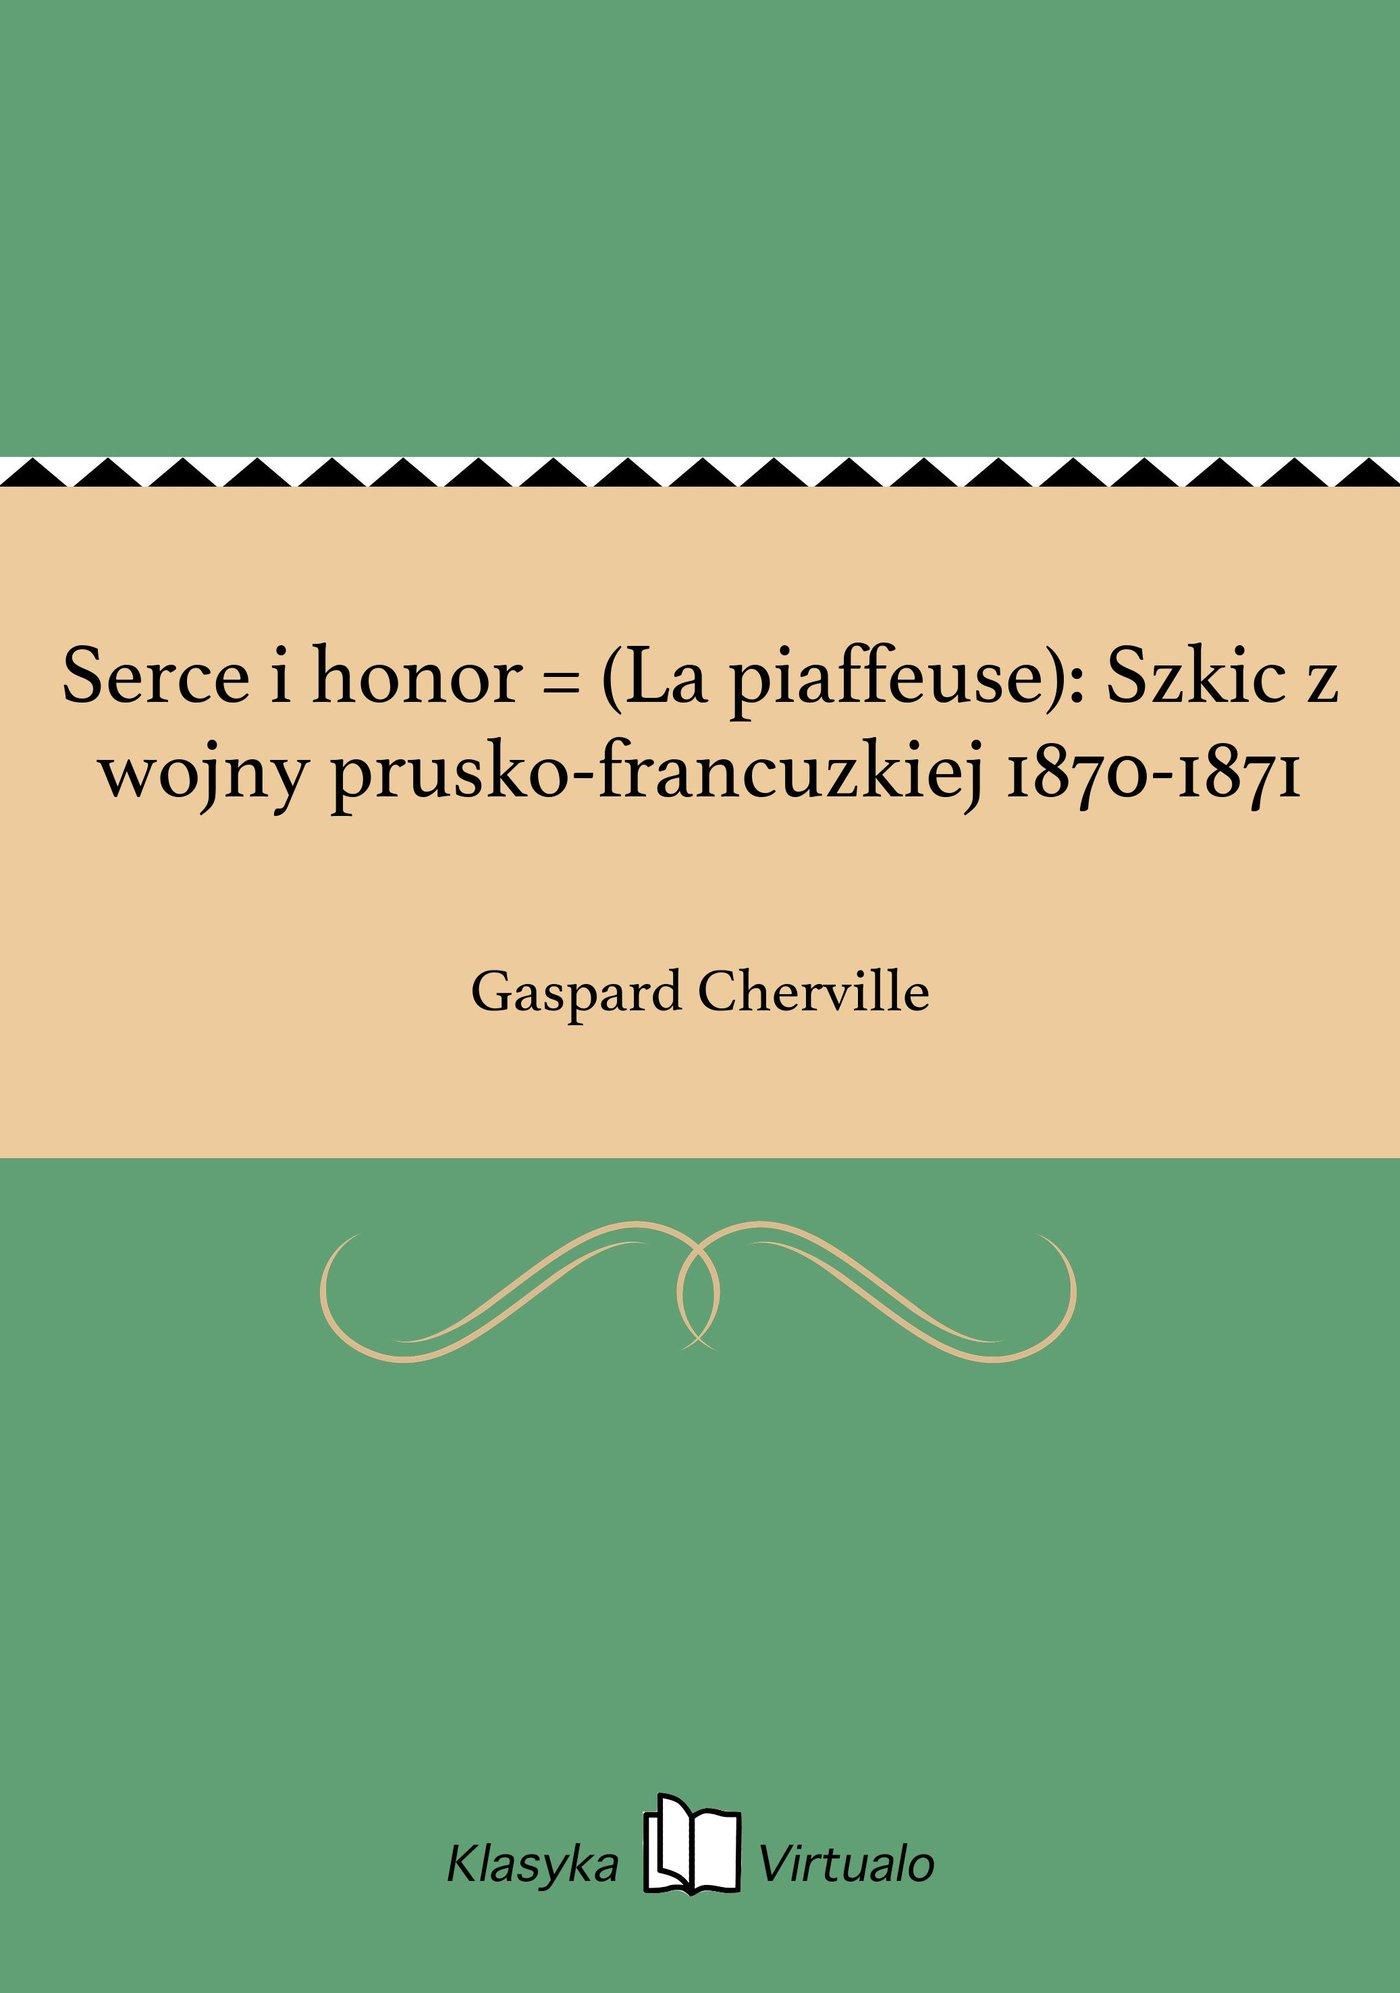 Serce i honor = (La piaffeuse): Szkic z wojny prusko-francuzkiej 1870-1871 - Ebook (Książka na Kindle) do pobrania w formacie MOBI